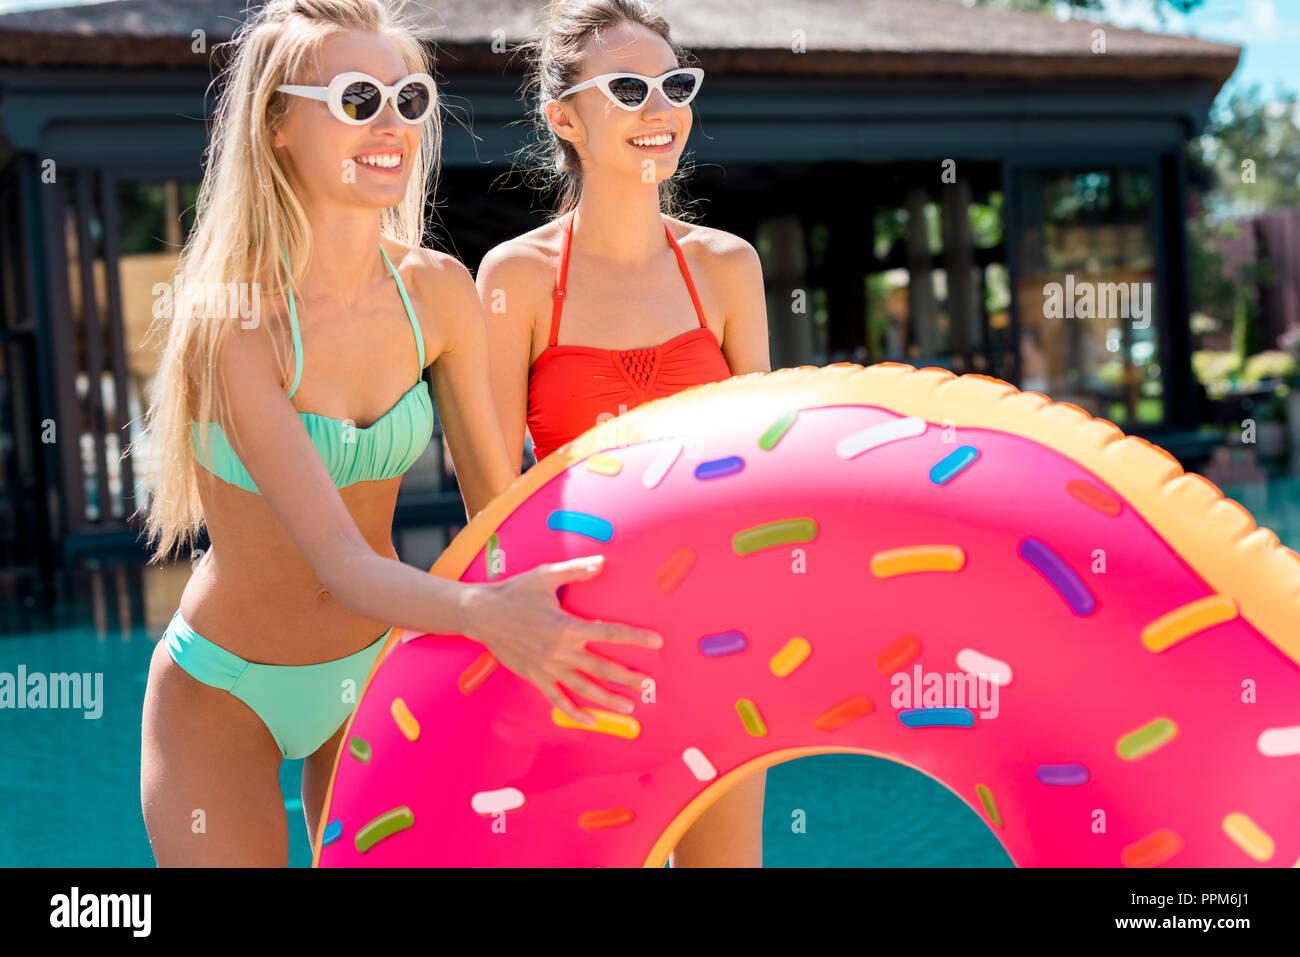 Felice di giovani donne con anello gonfiabile a forma di ciambella in piedi sul bordo della piscina e guardando lontano Immagini Stock